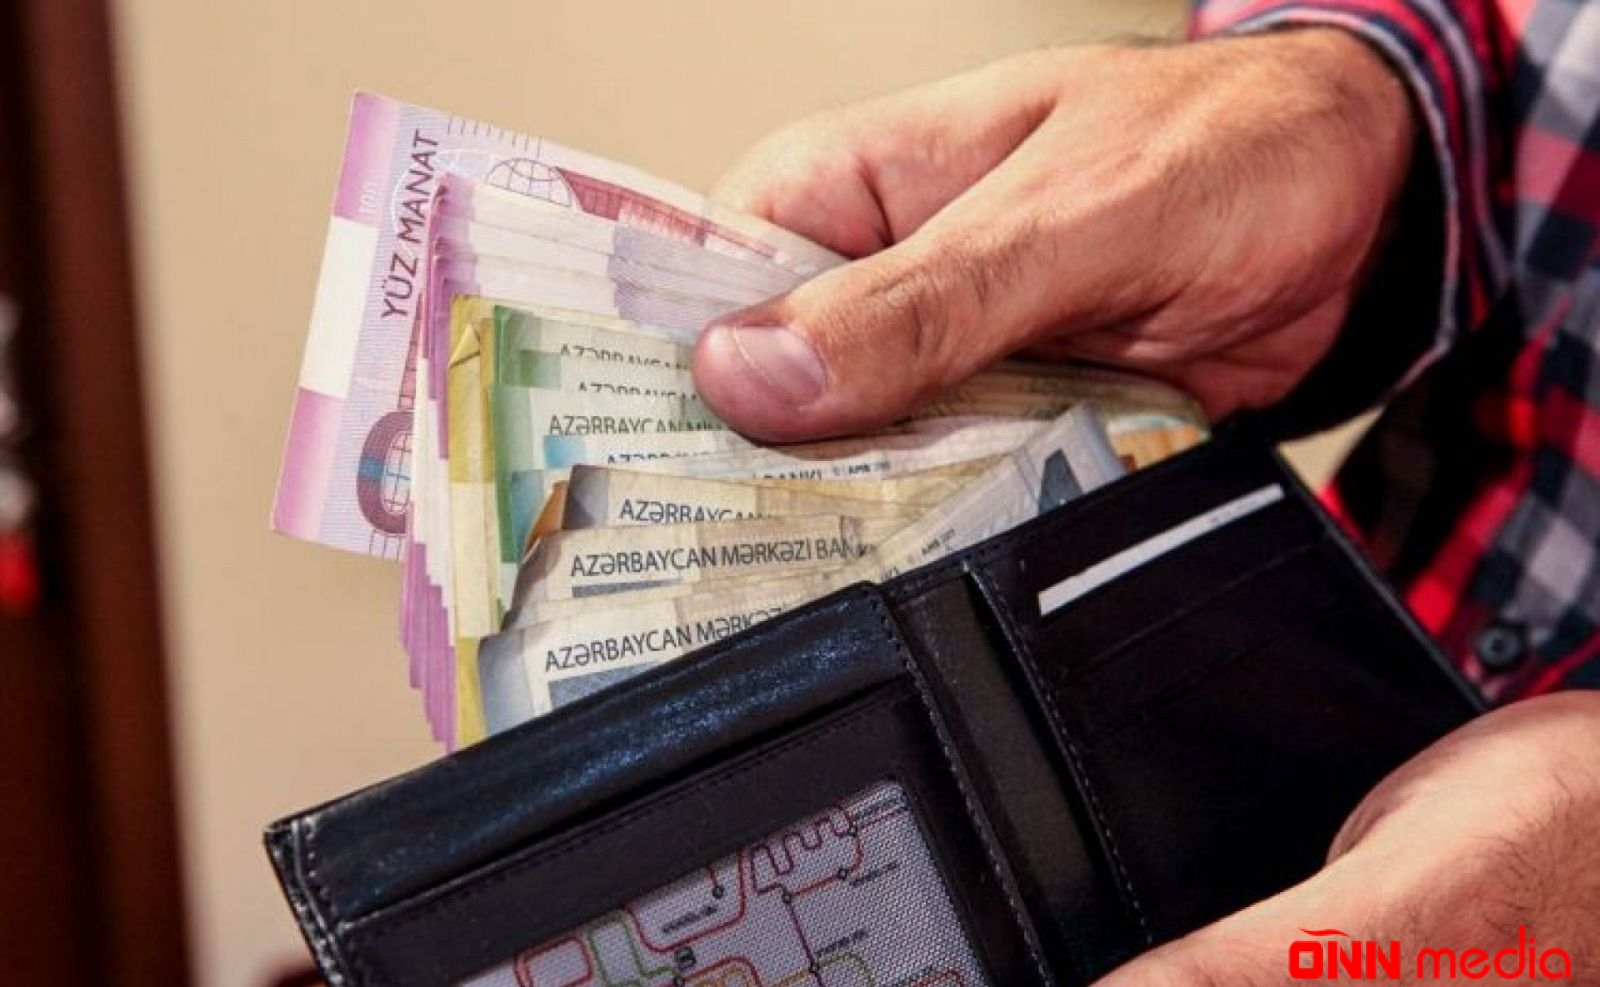 Azərbaycanda təhsil müddəti də pensiya stajı sayılacaq – YENİLİK